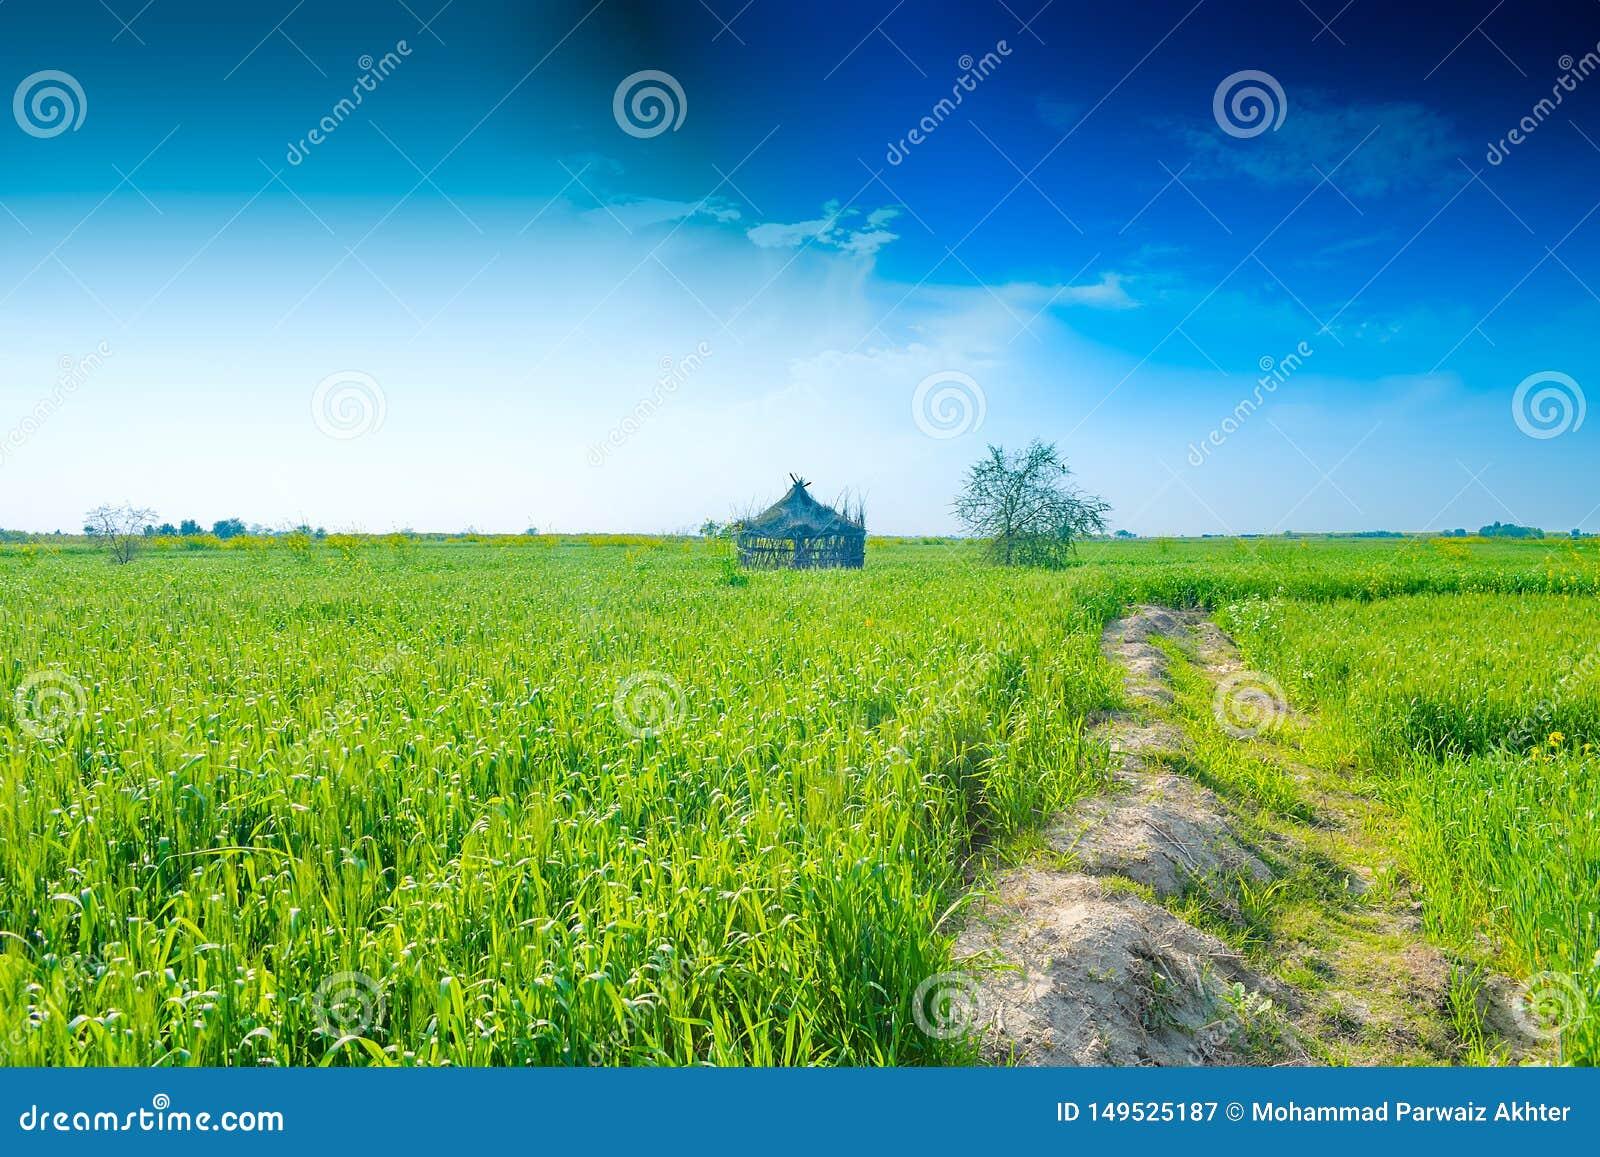 Groene tarweoren in een landbouwbedrijf